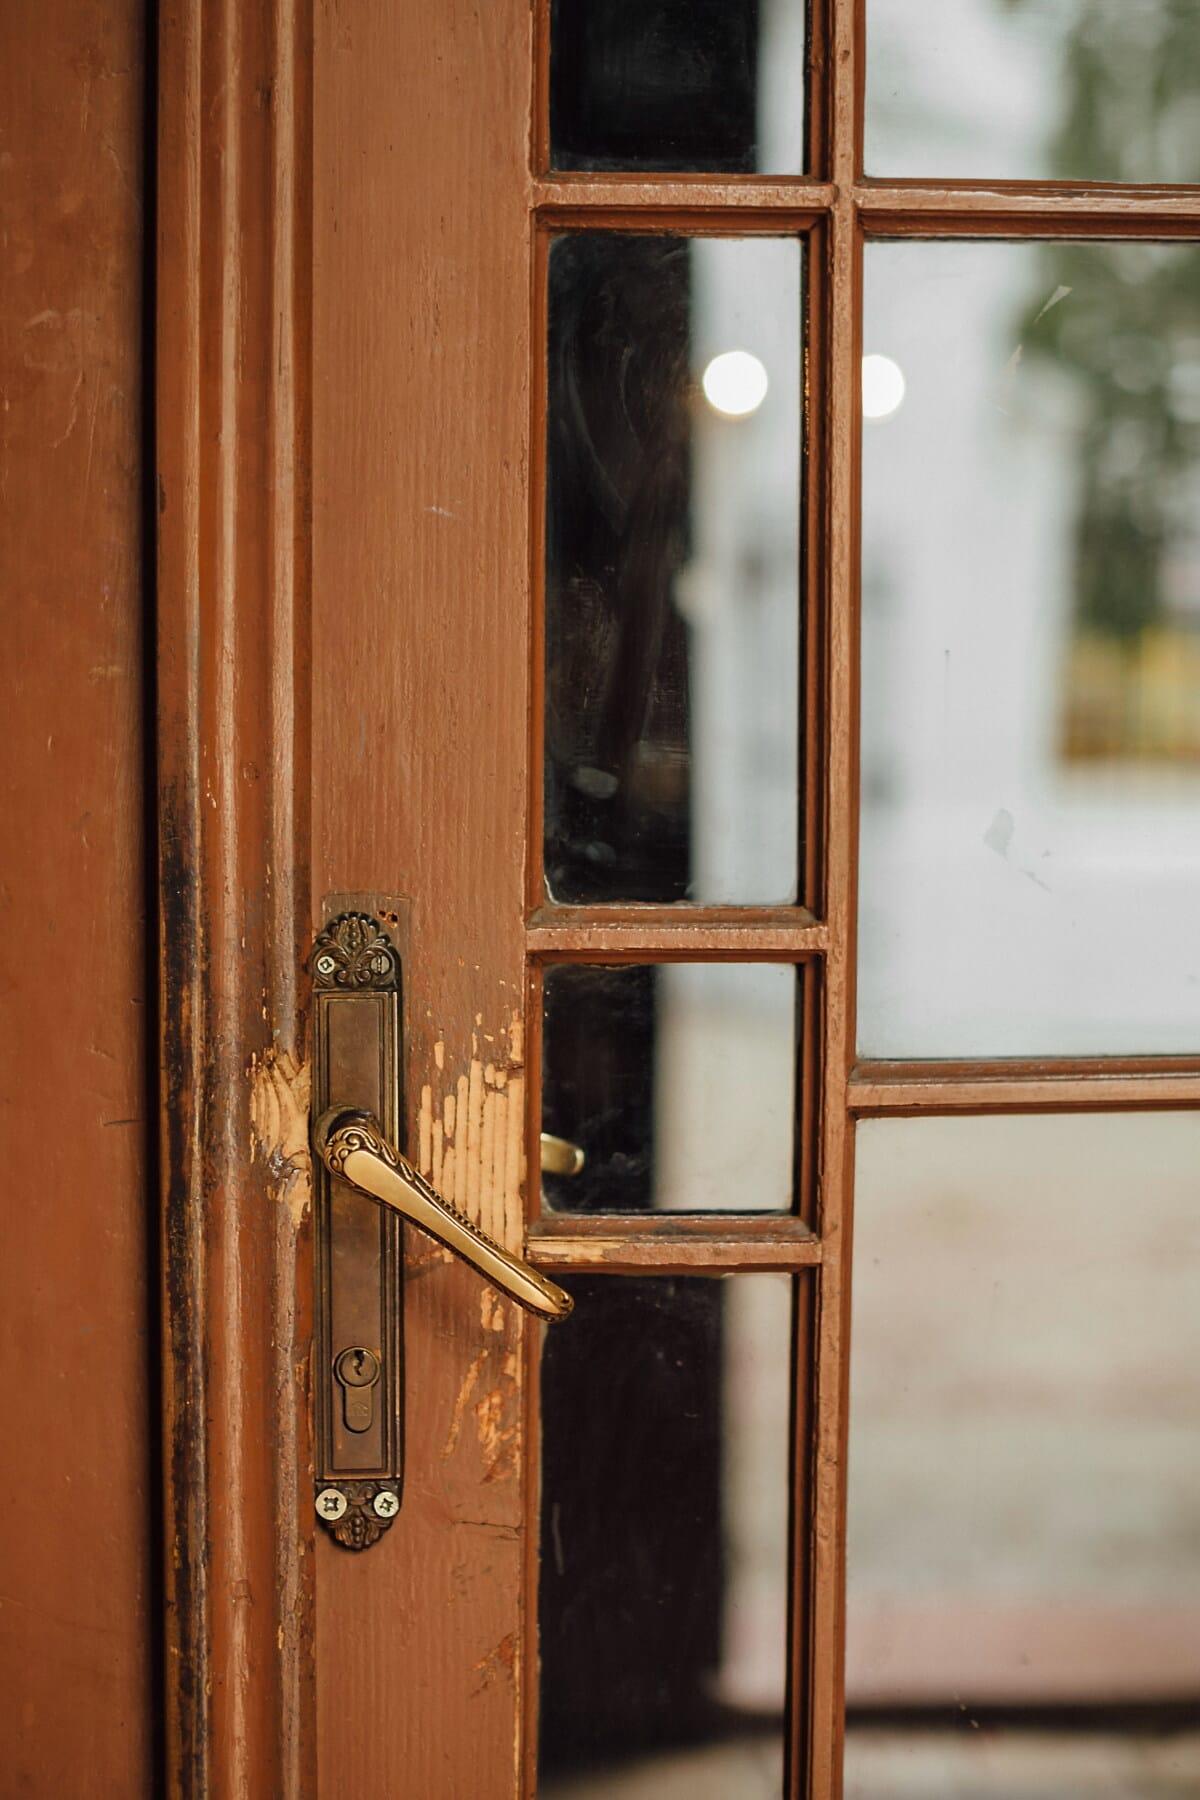 Tischlerei, fenster, vor der Tür, alten Stil, Holz, Tür, Riegel, alt, Verbindungselement, catch